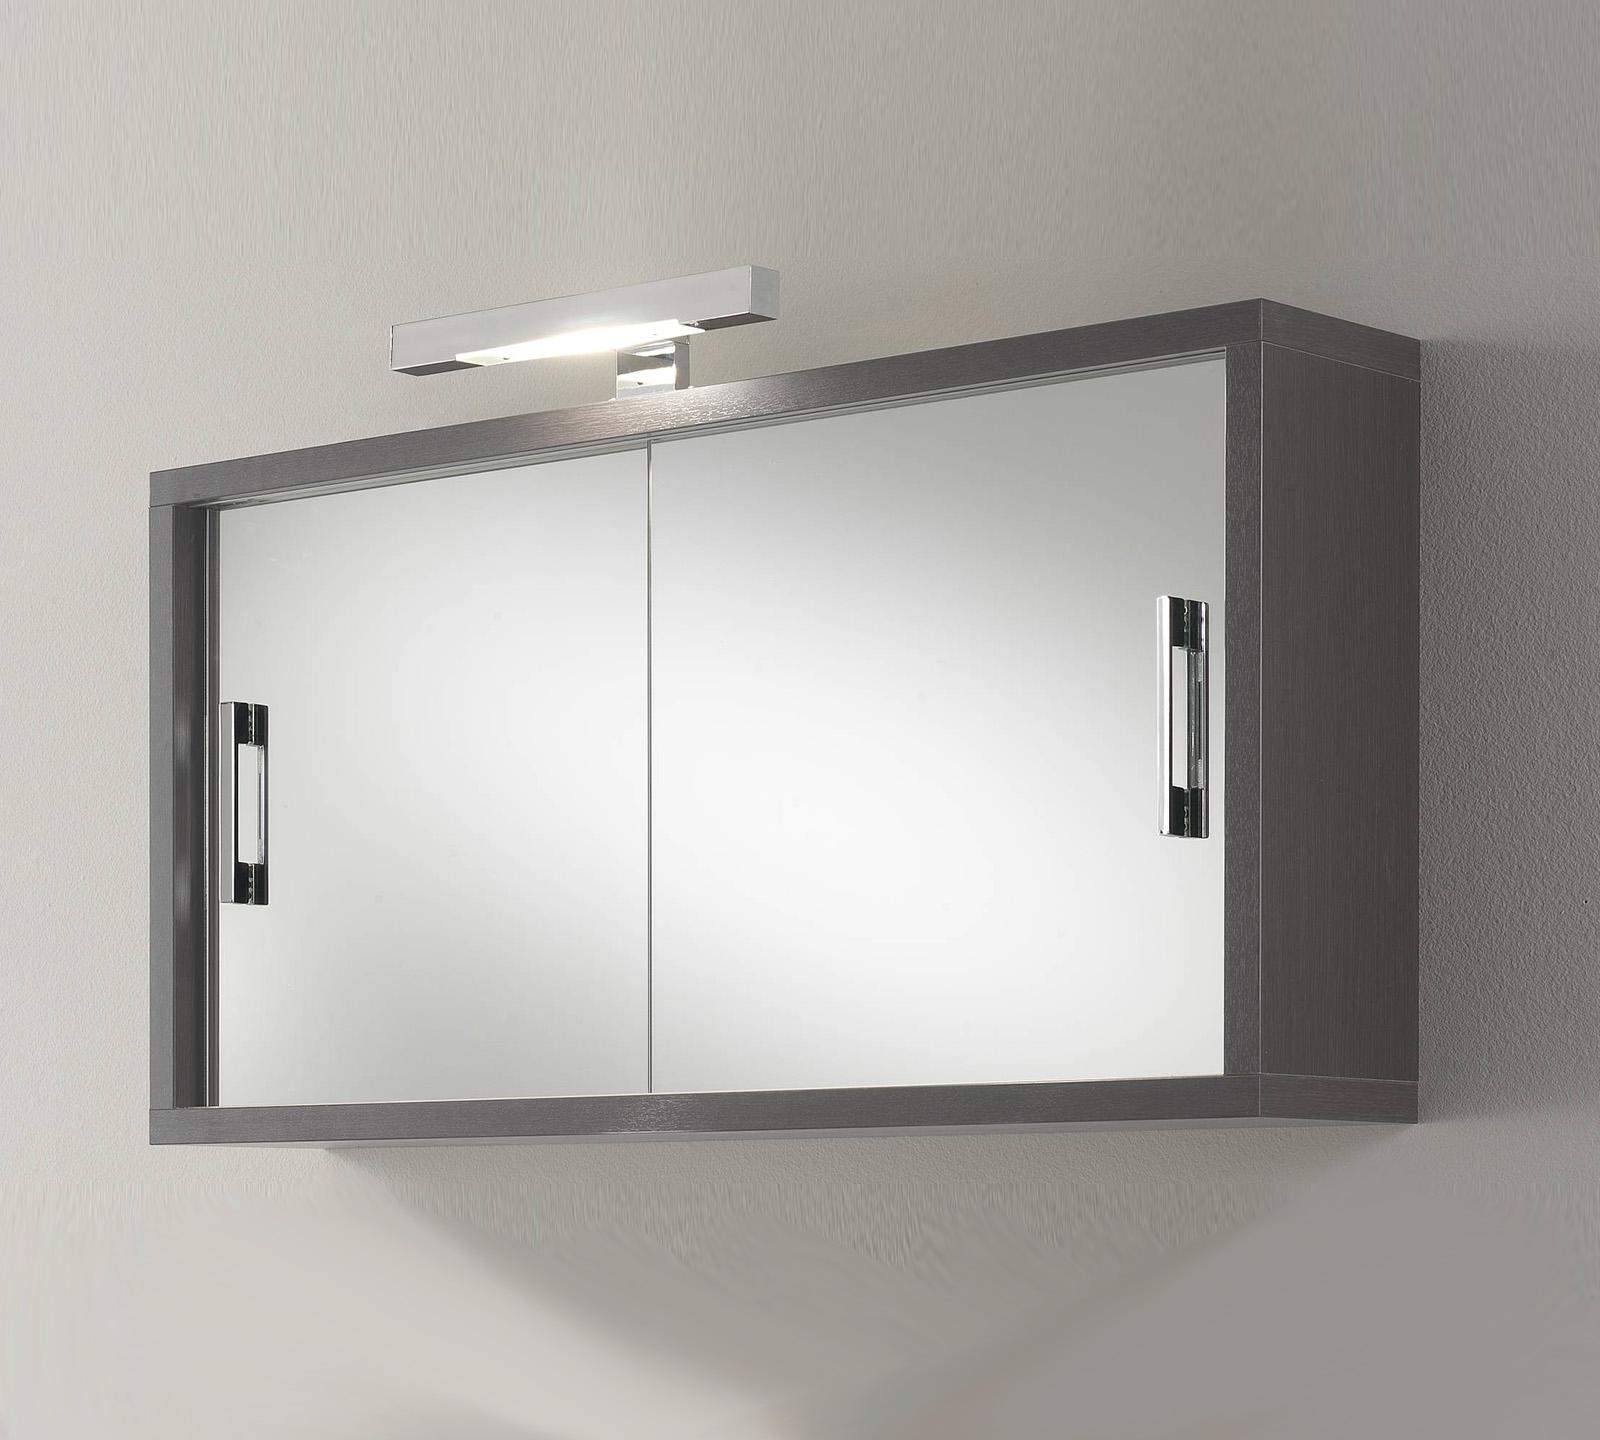 Specchio contenitore gv400 pino grigio duzzle for Specchio bagno grigio